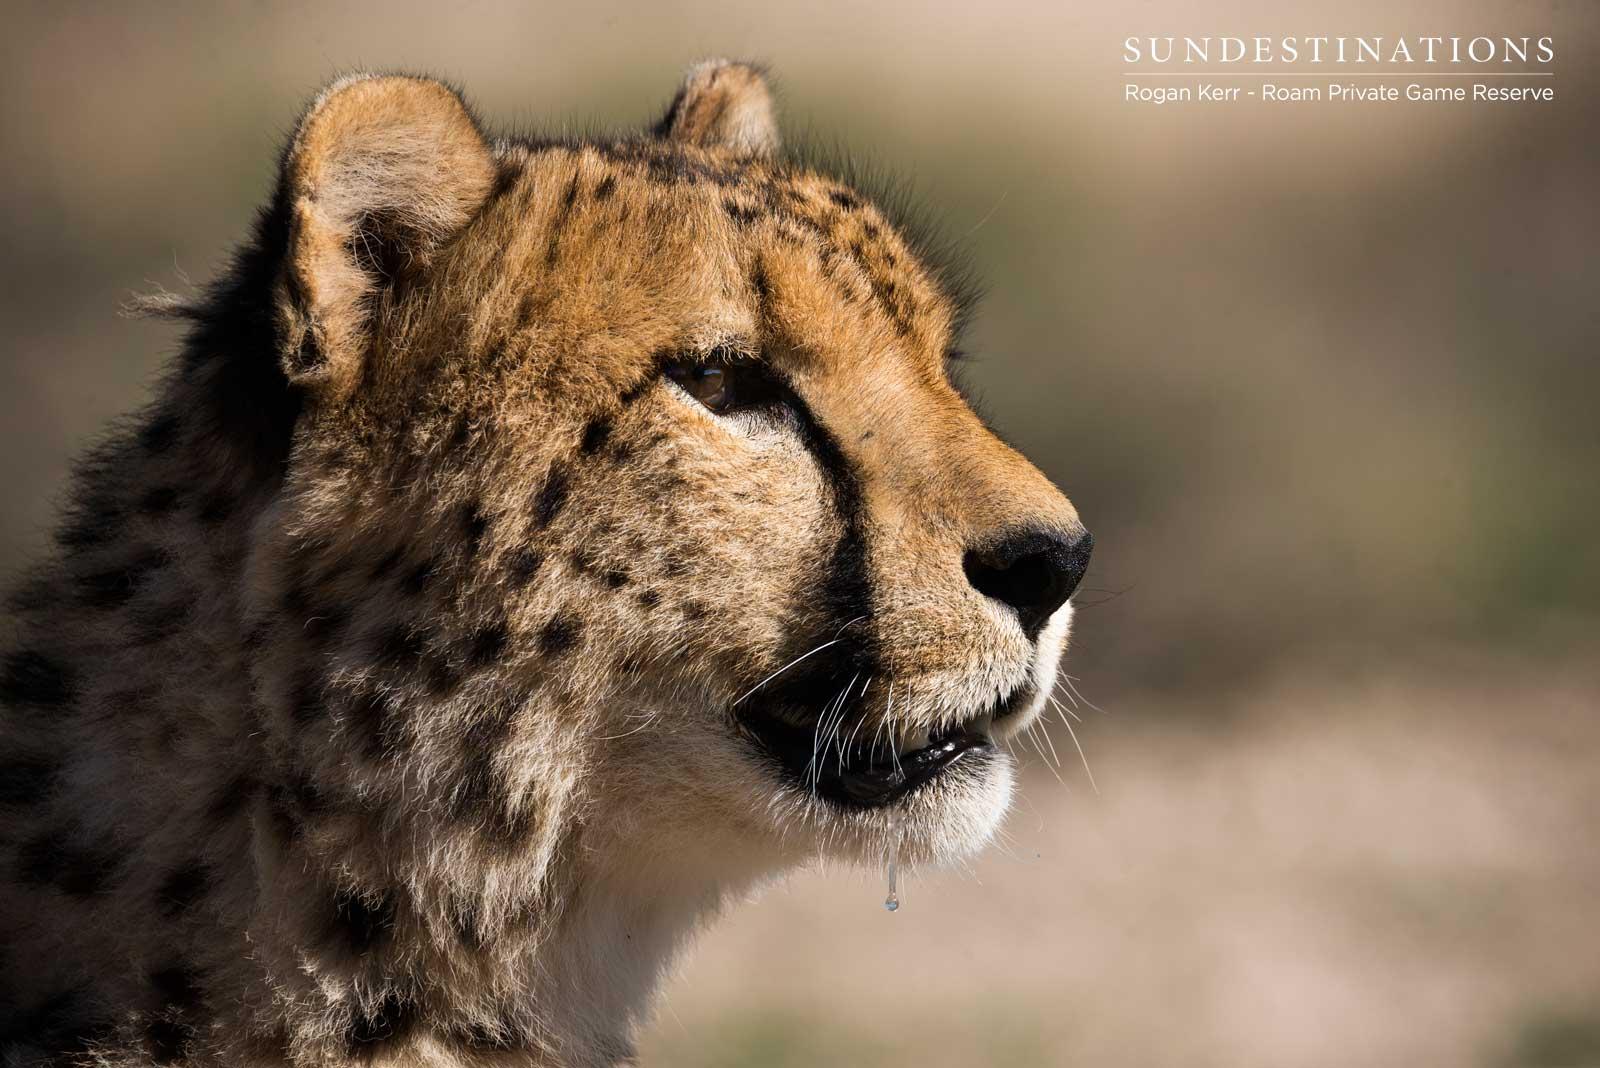 Cheetah at Roam Reserve